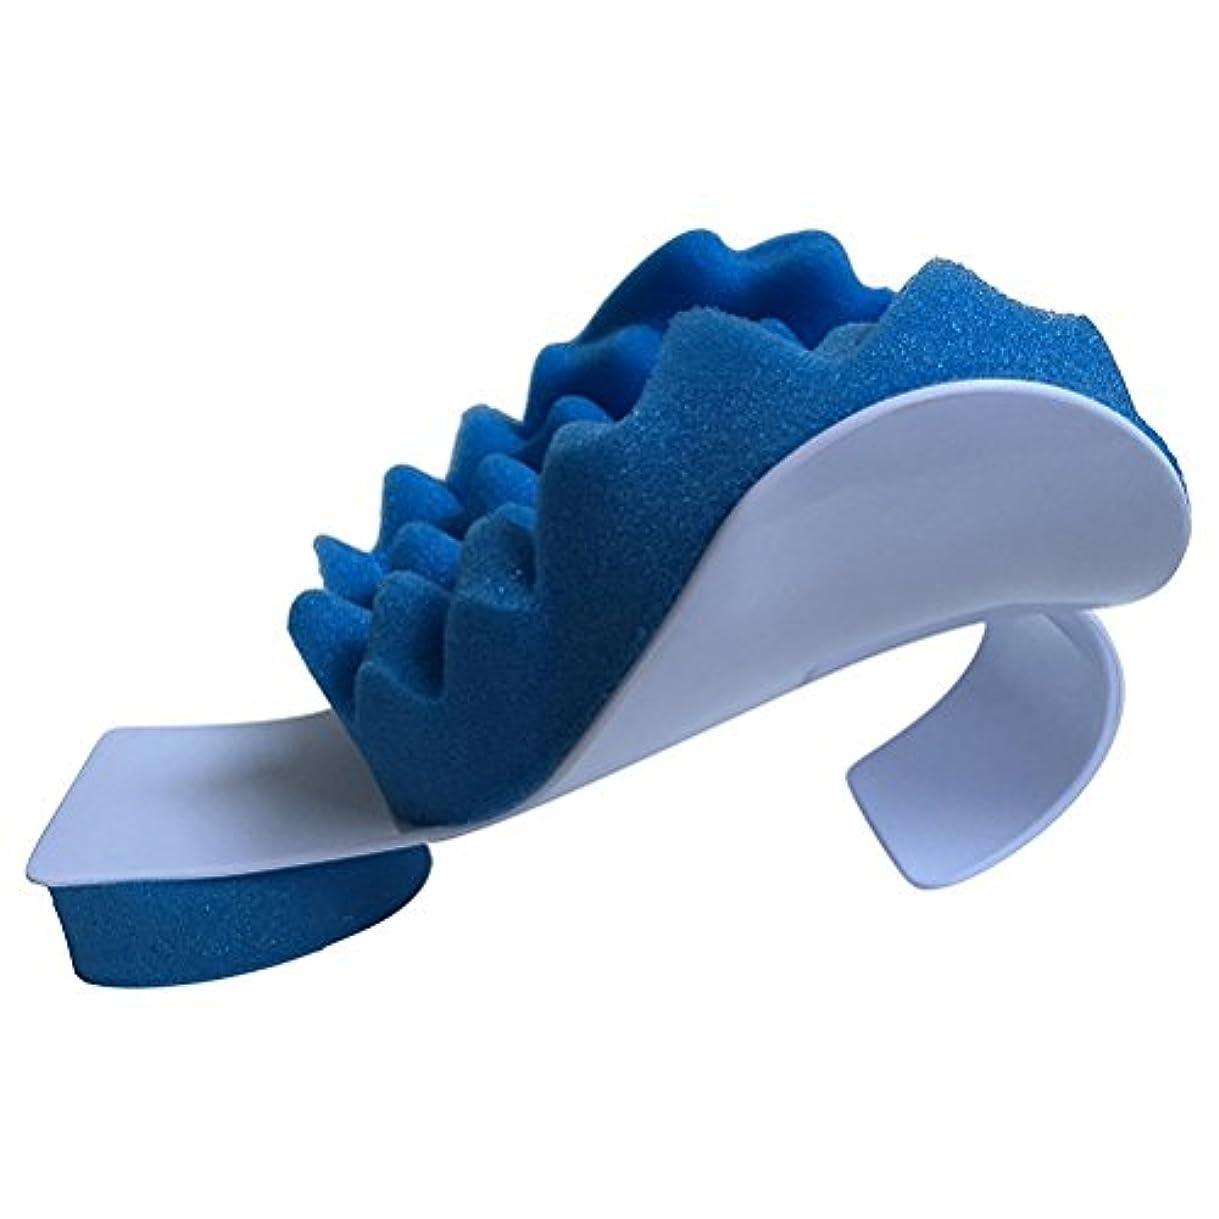 散らす正しく防衛ROSENICE マッサージ枕ネック痛みリリーフとショルダーリラクサーマッサージトラクションピロー(ブルー)